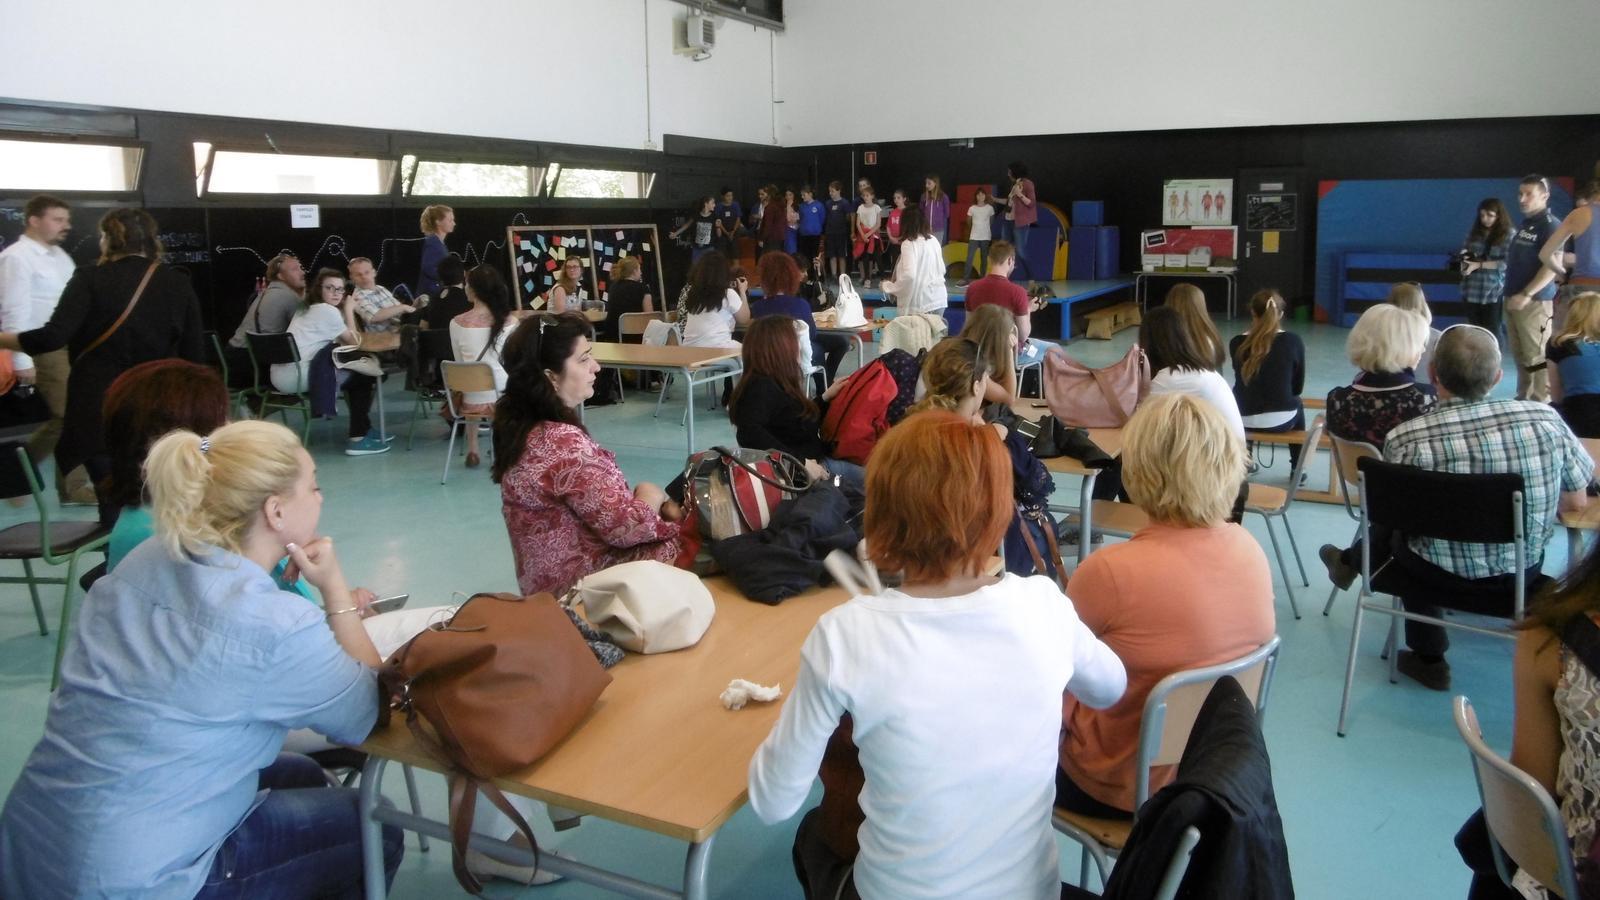 Un moment de les jornades, que avui se celebren a l'escola la Draga / Ajuntament de Banyoles